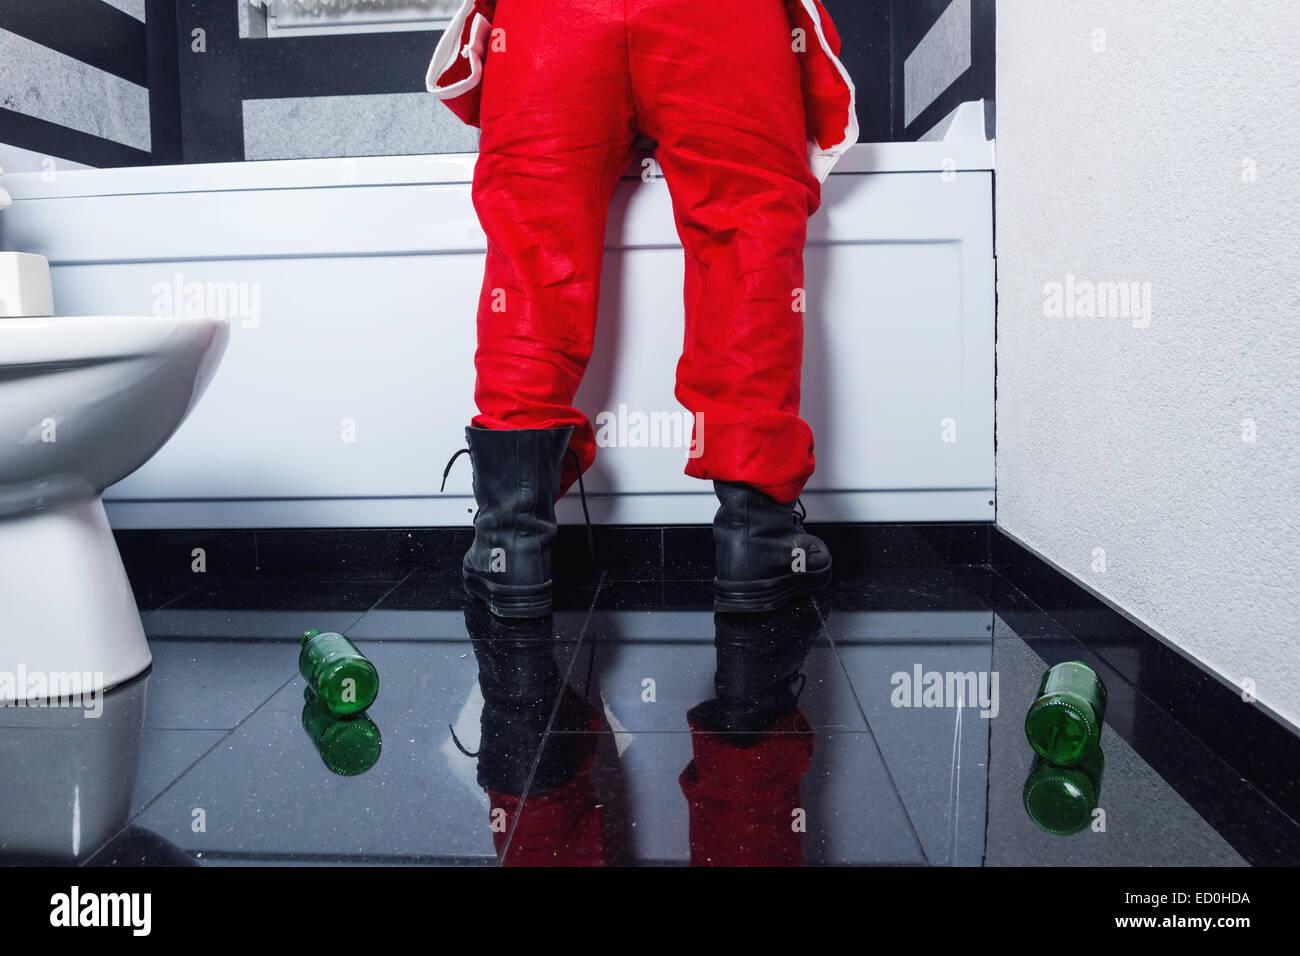 Jeans Vasca Da Bagno : Uomo in santa claus costume di gettare nella vasca da bagno dopo la